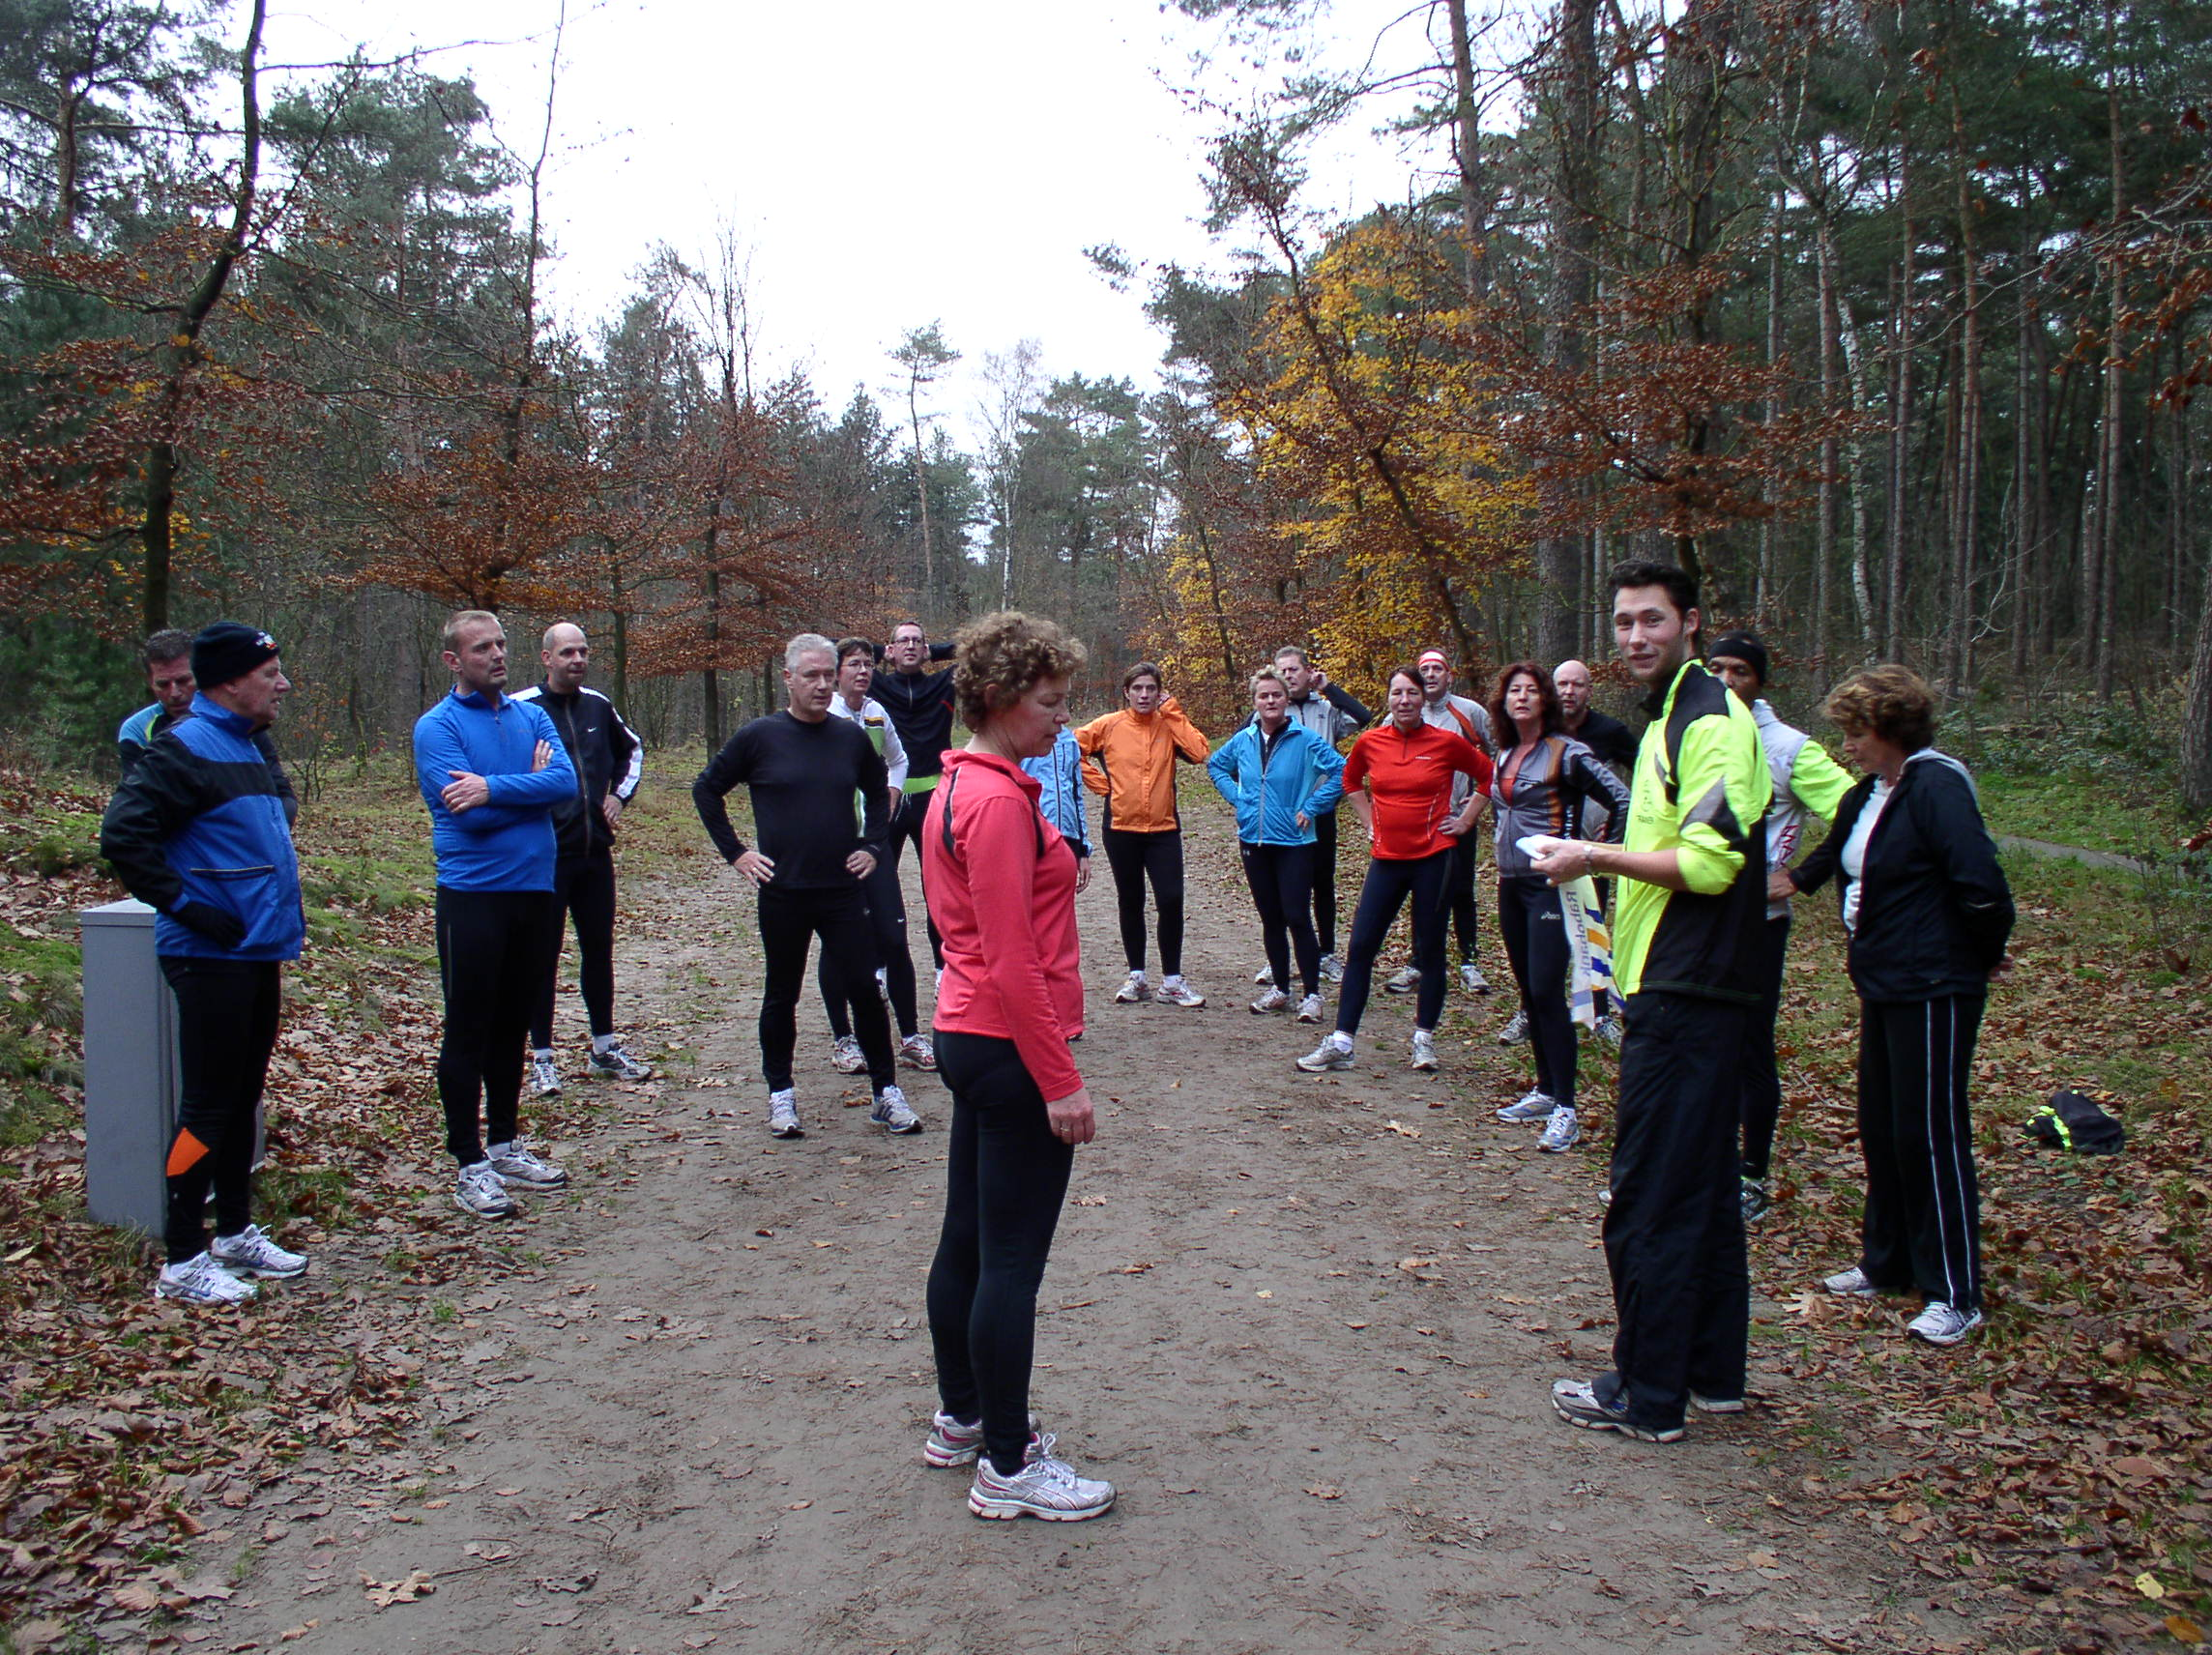 http://www.sylvestercross.nl/2011/clinic2011/images/clinics2011%20(58).JPG